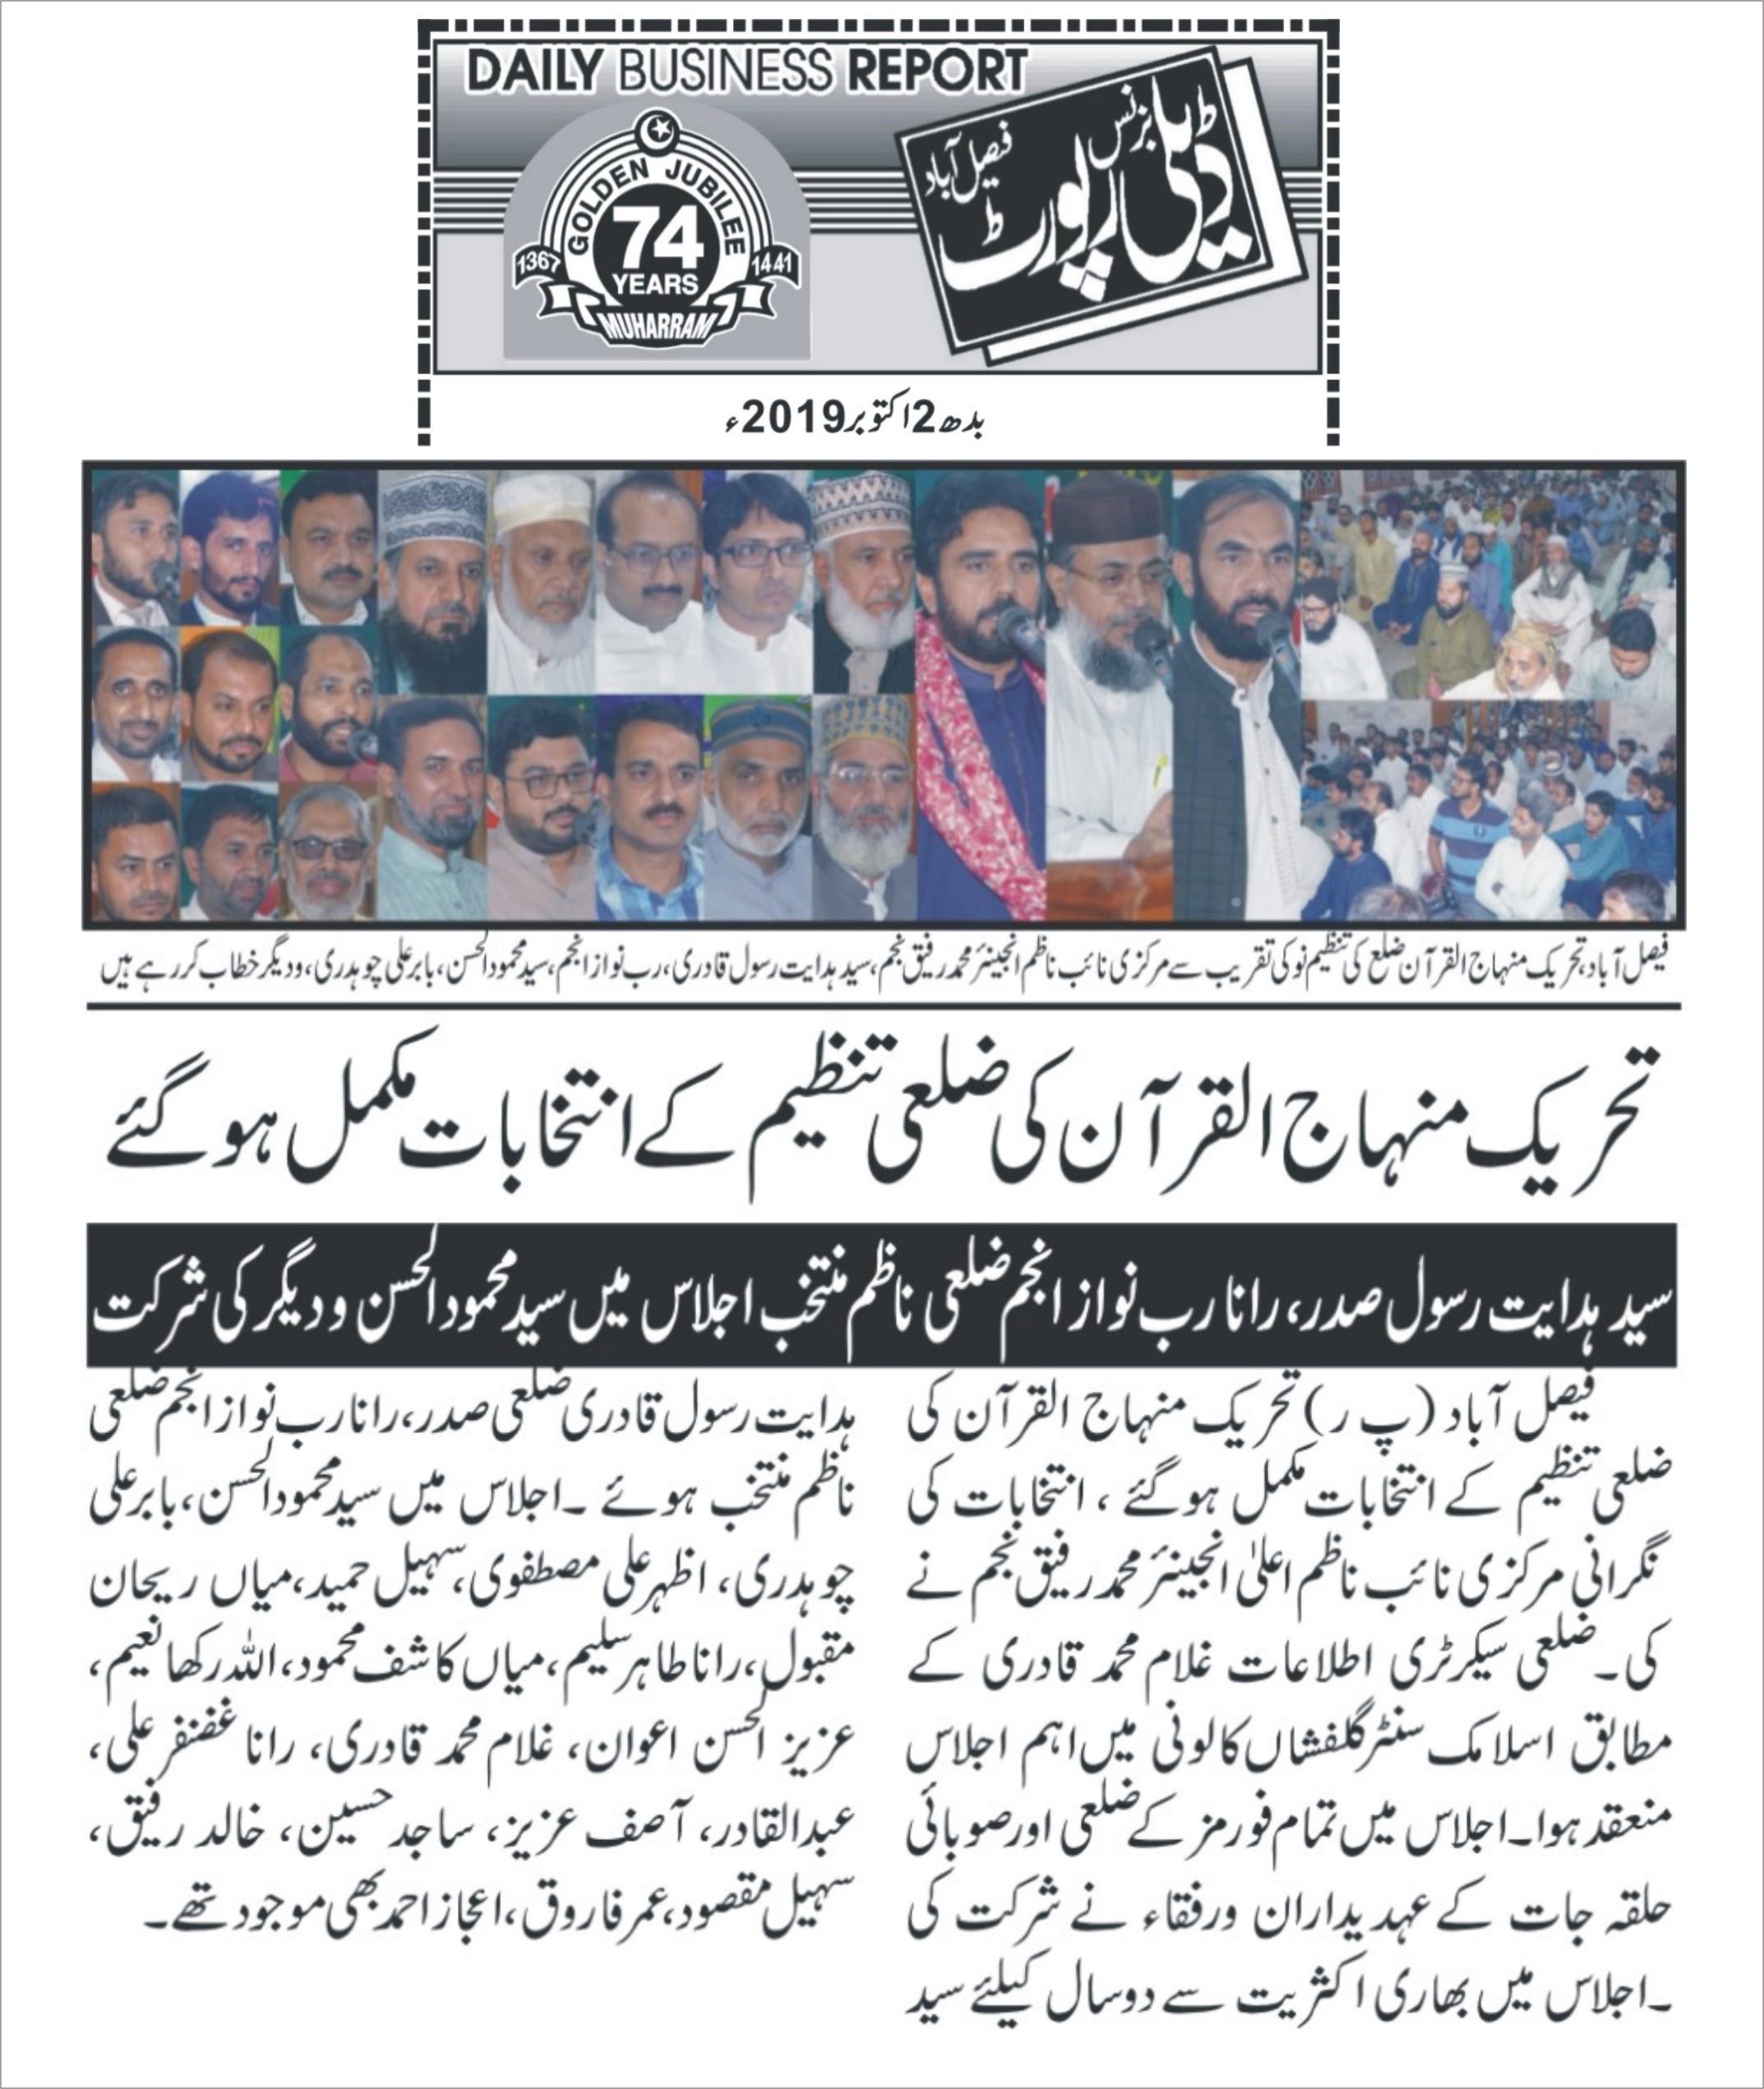 تحریک منہاج القرآن Pakistan Awami Tehreek  Print Media Coverage پرنٹ میڈیا کوریج Daily Businessreport page 5